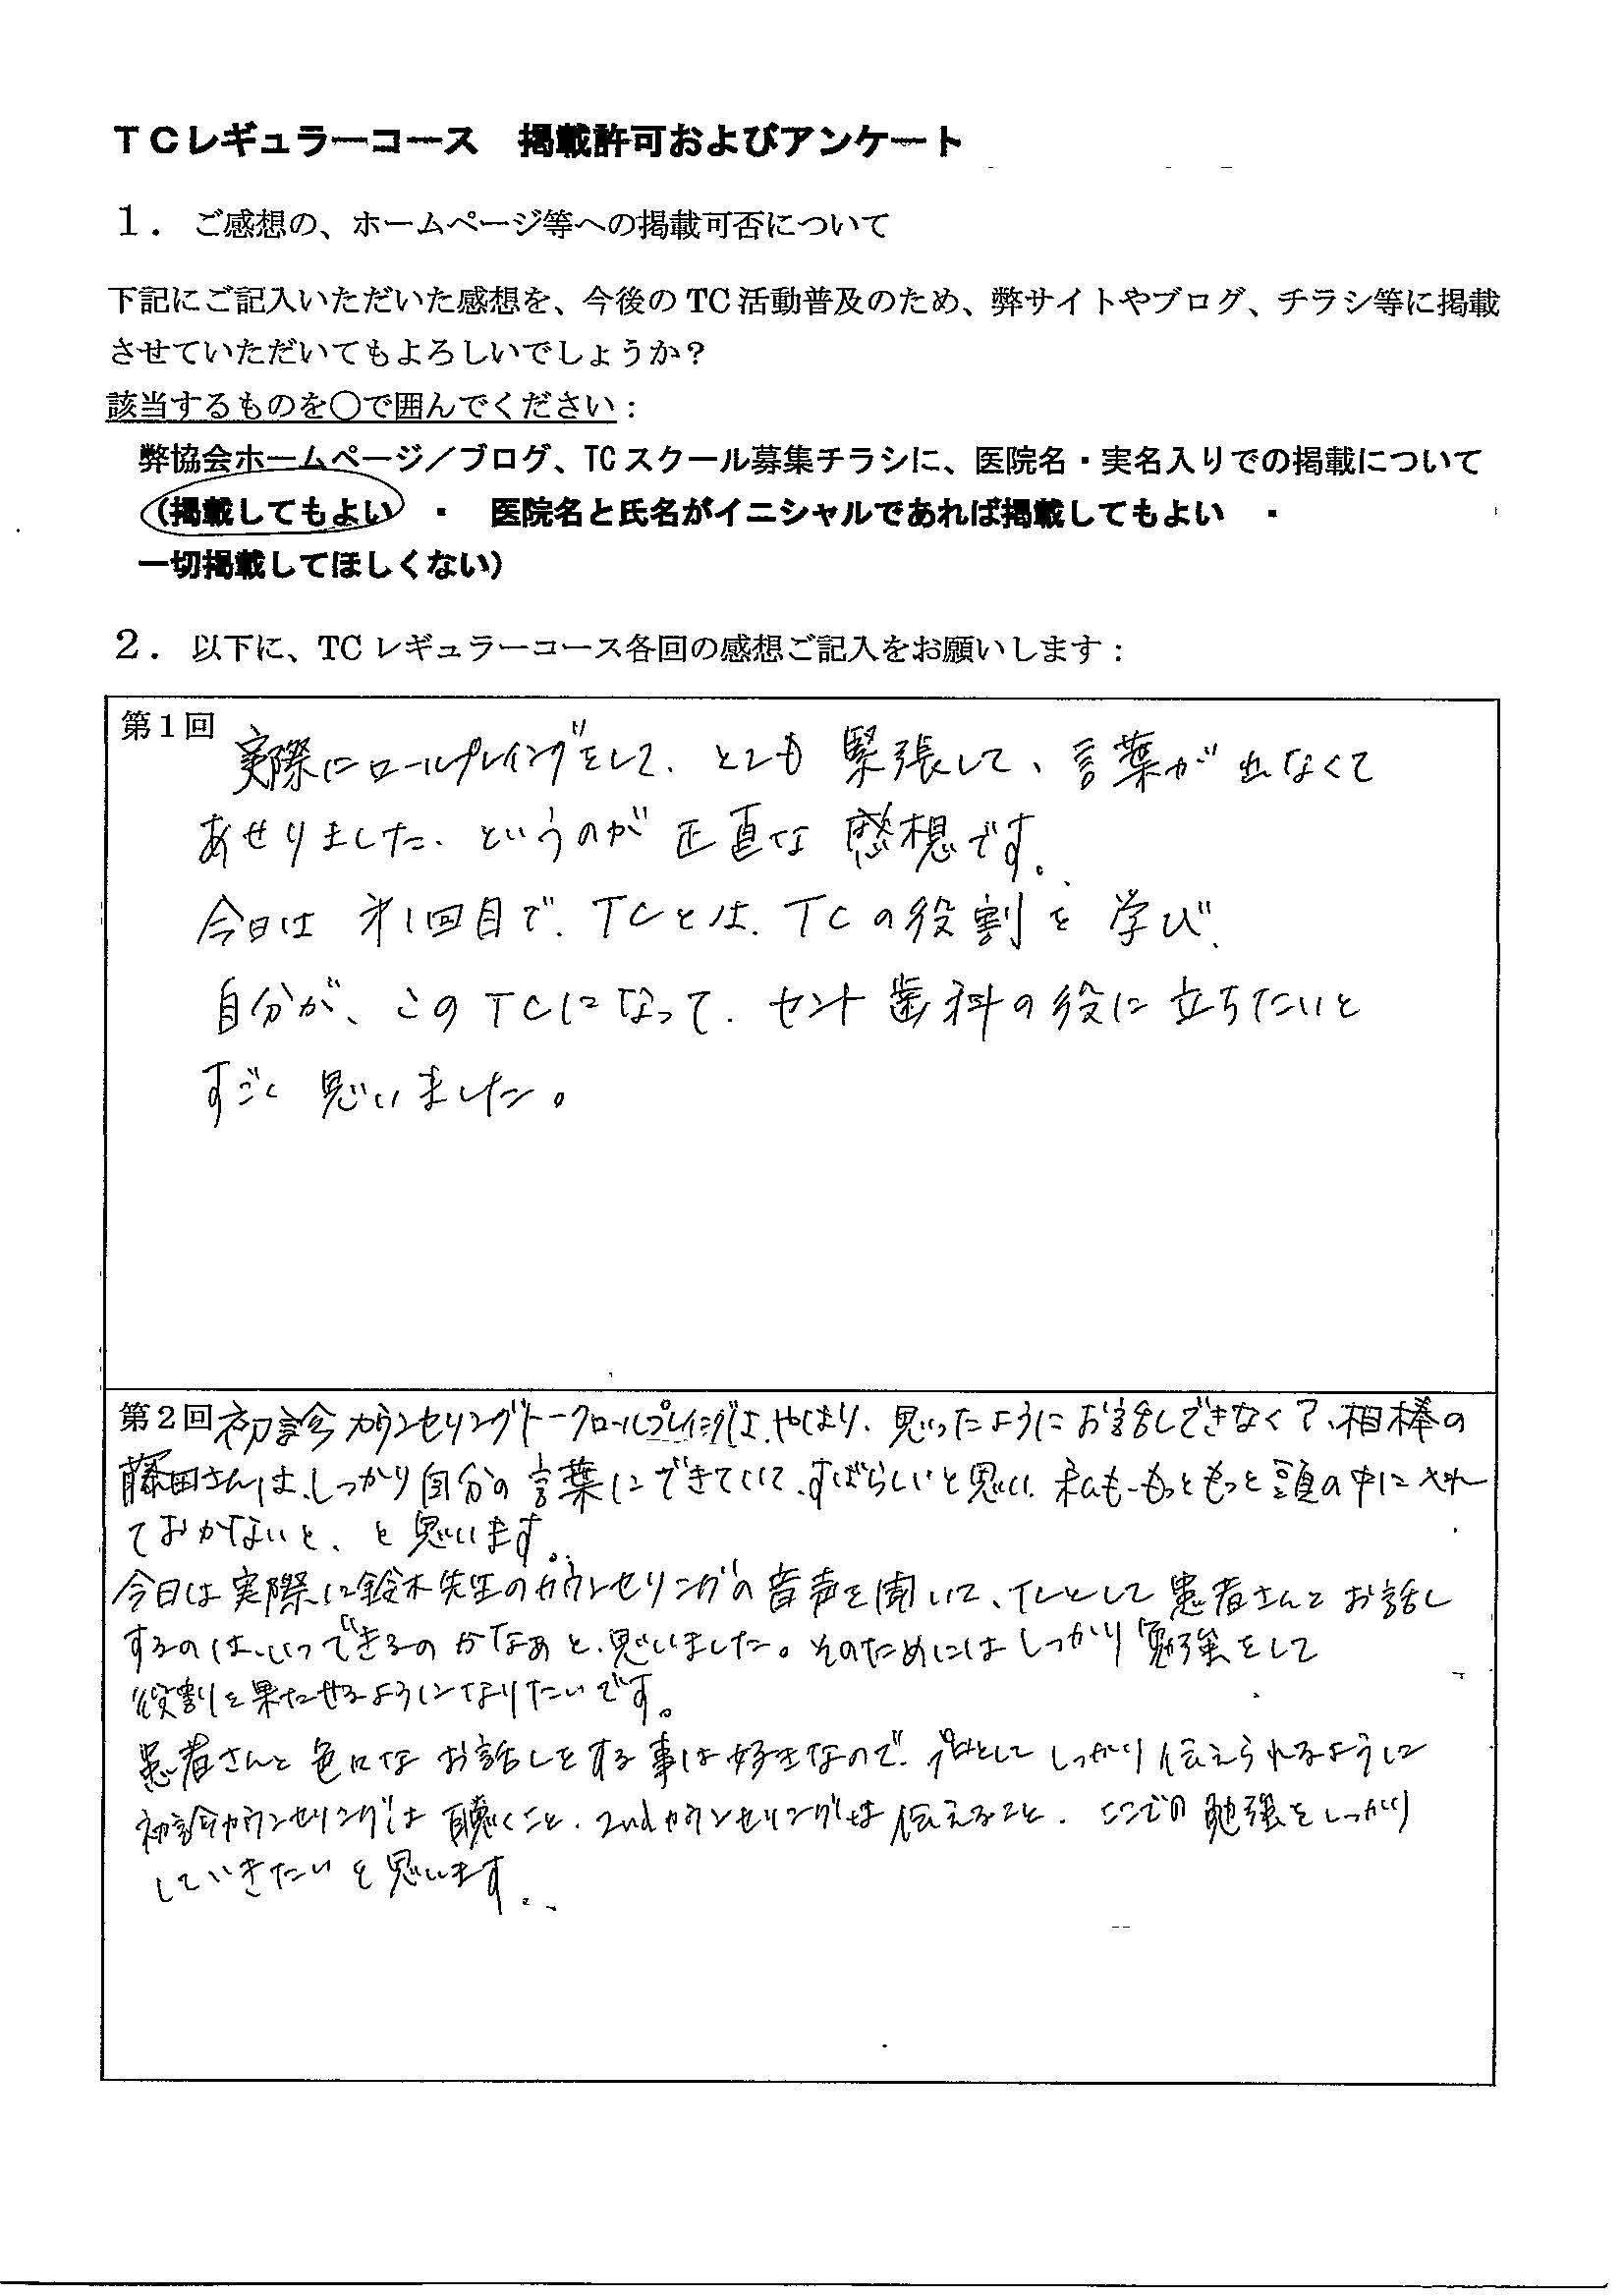 平川 ひとみ様アンケート